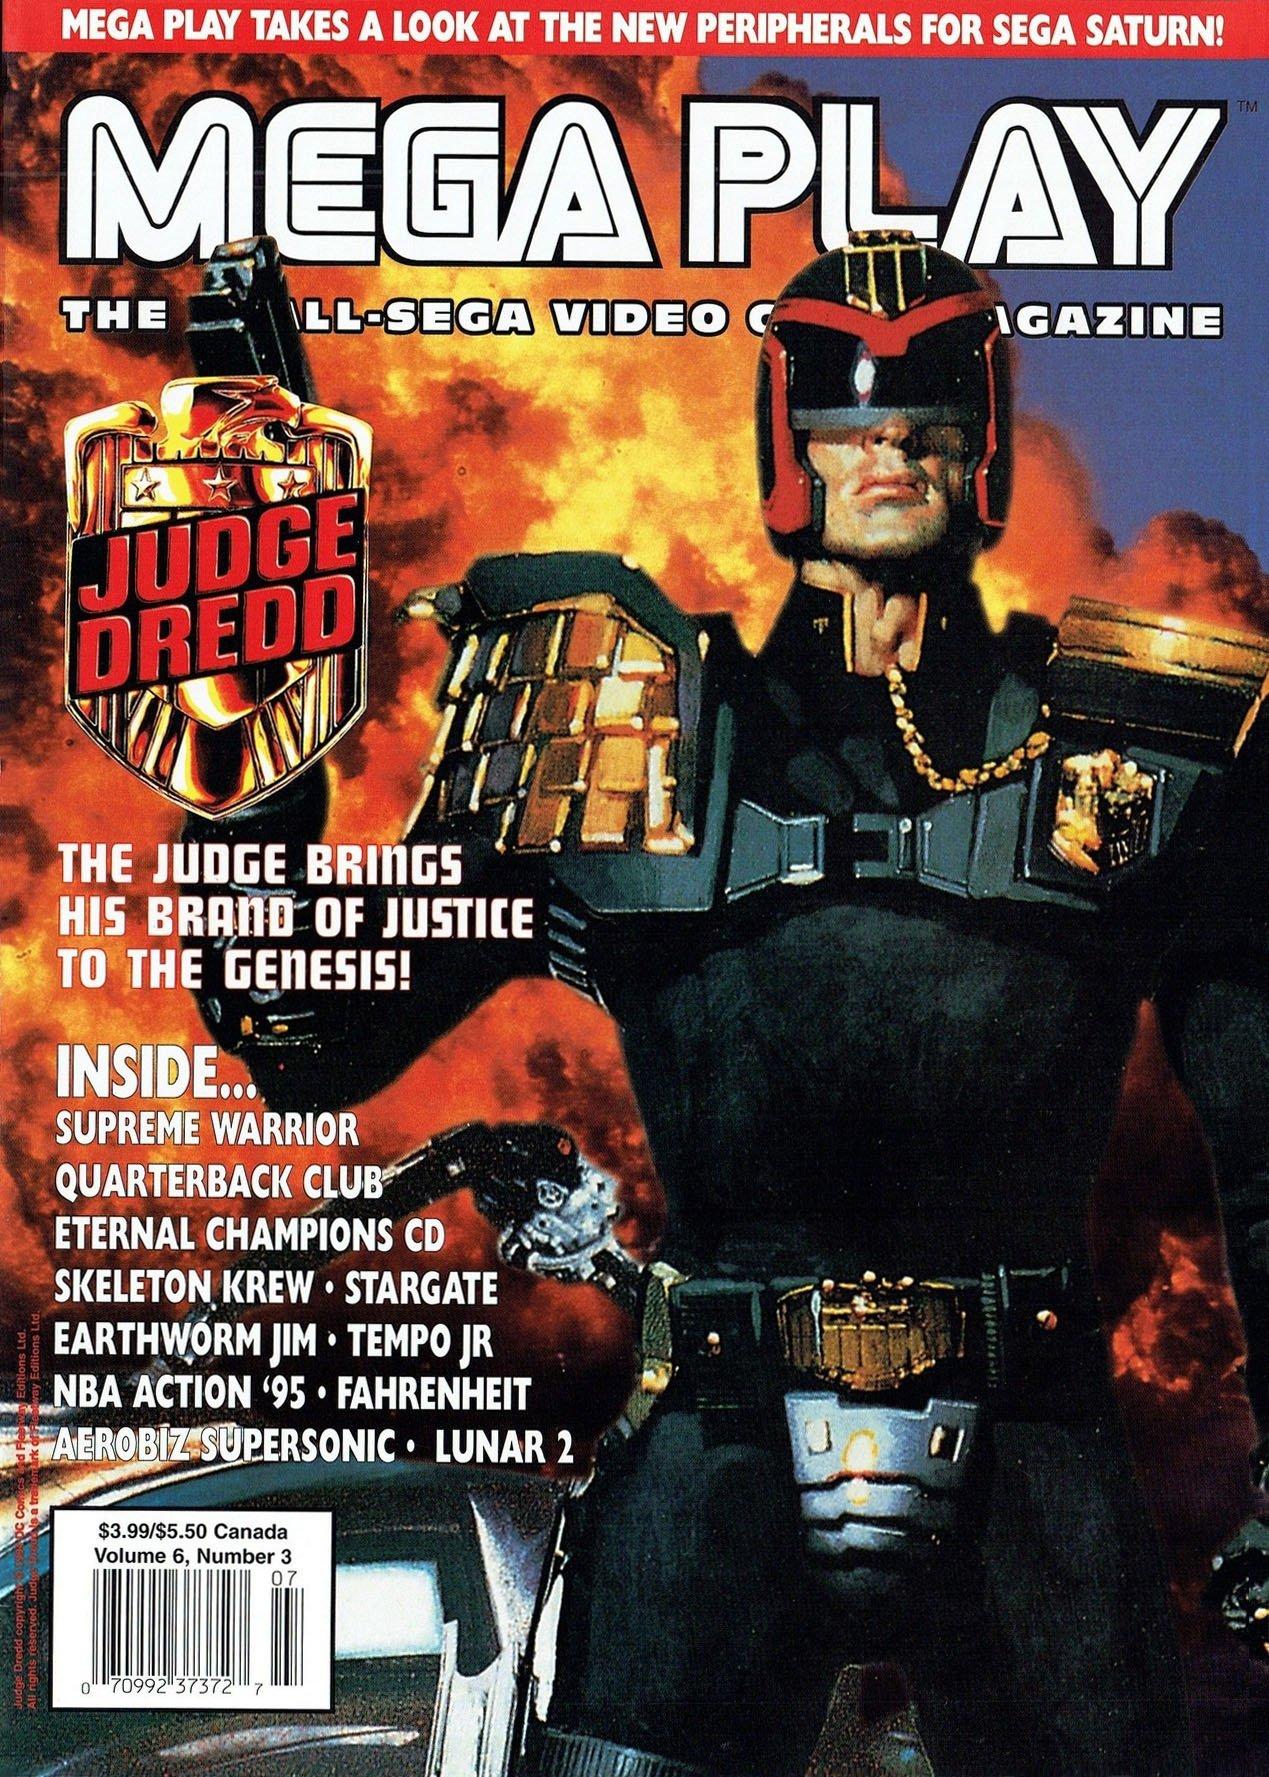 Mega Play Vol.6 No.3 June/July 1995